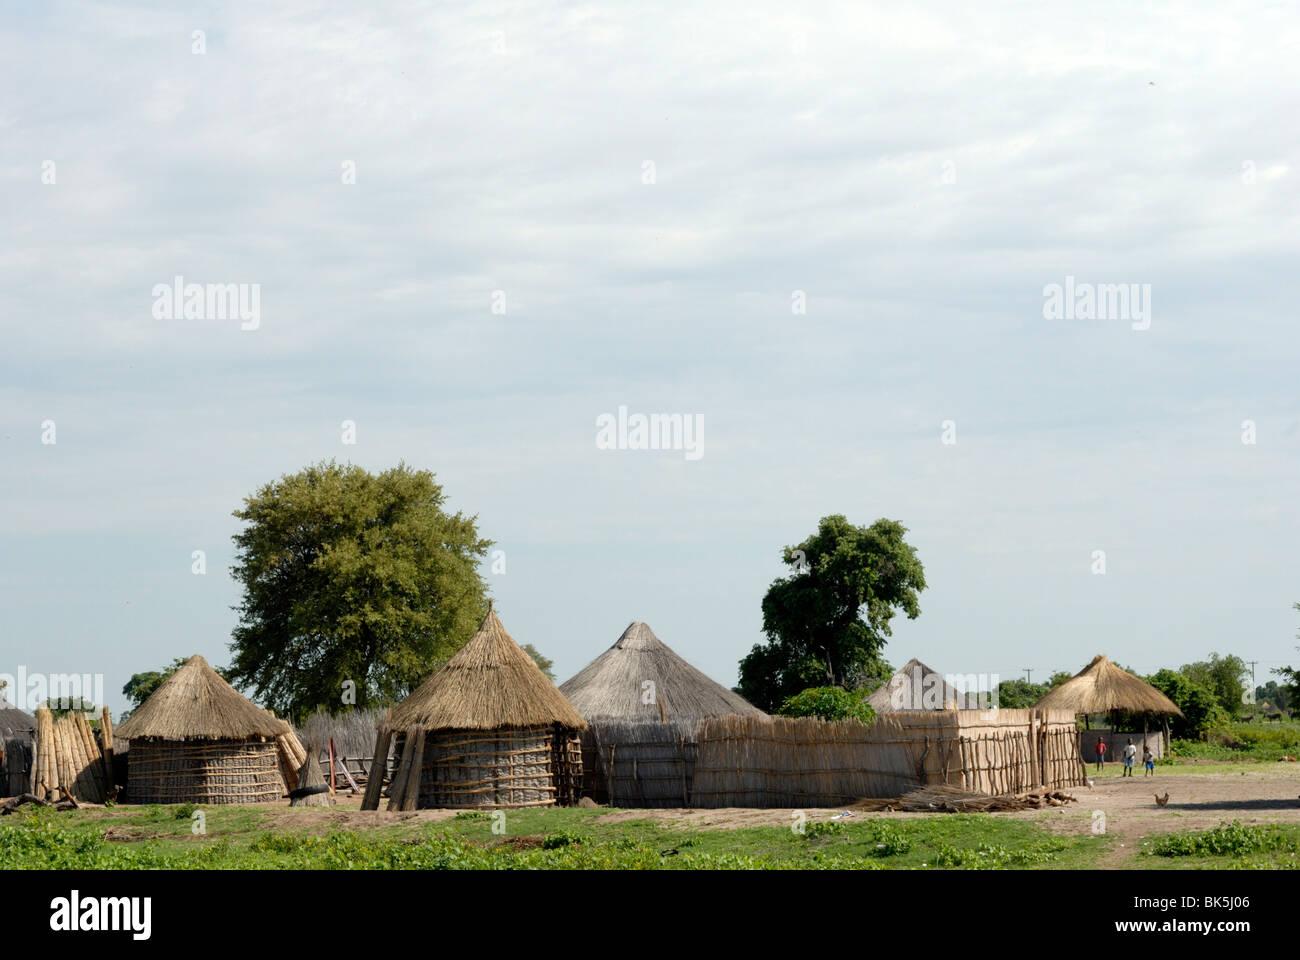 Traditional village, north west Botswana, Botswana, Africa - Stock Image